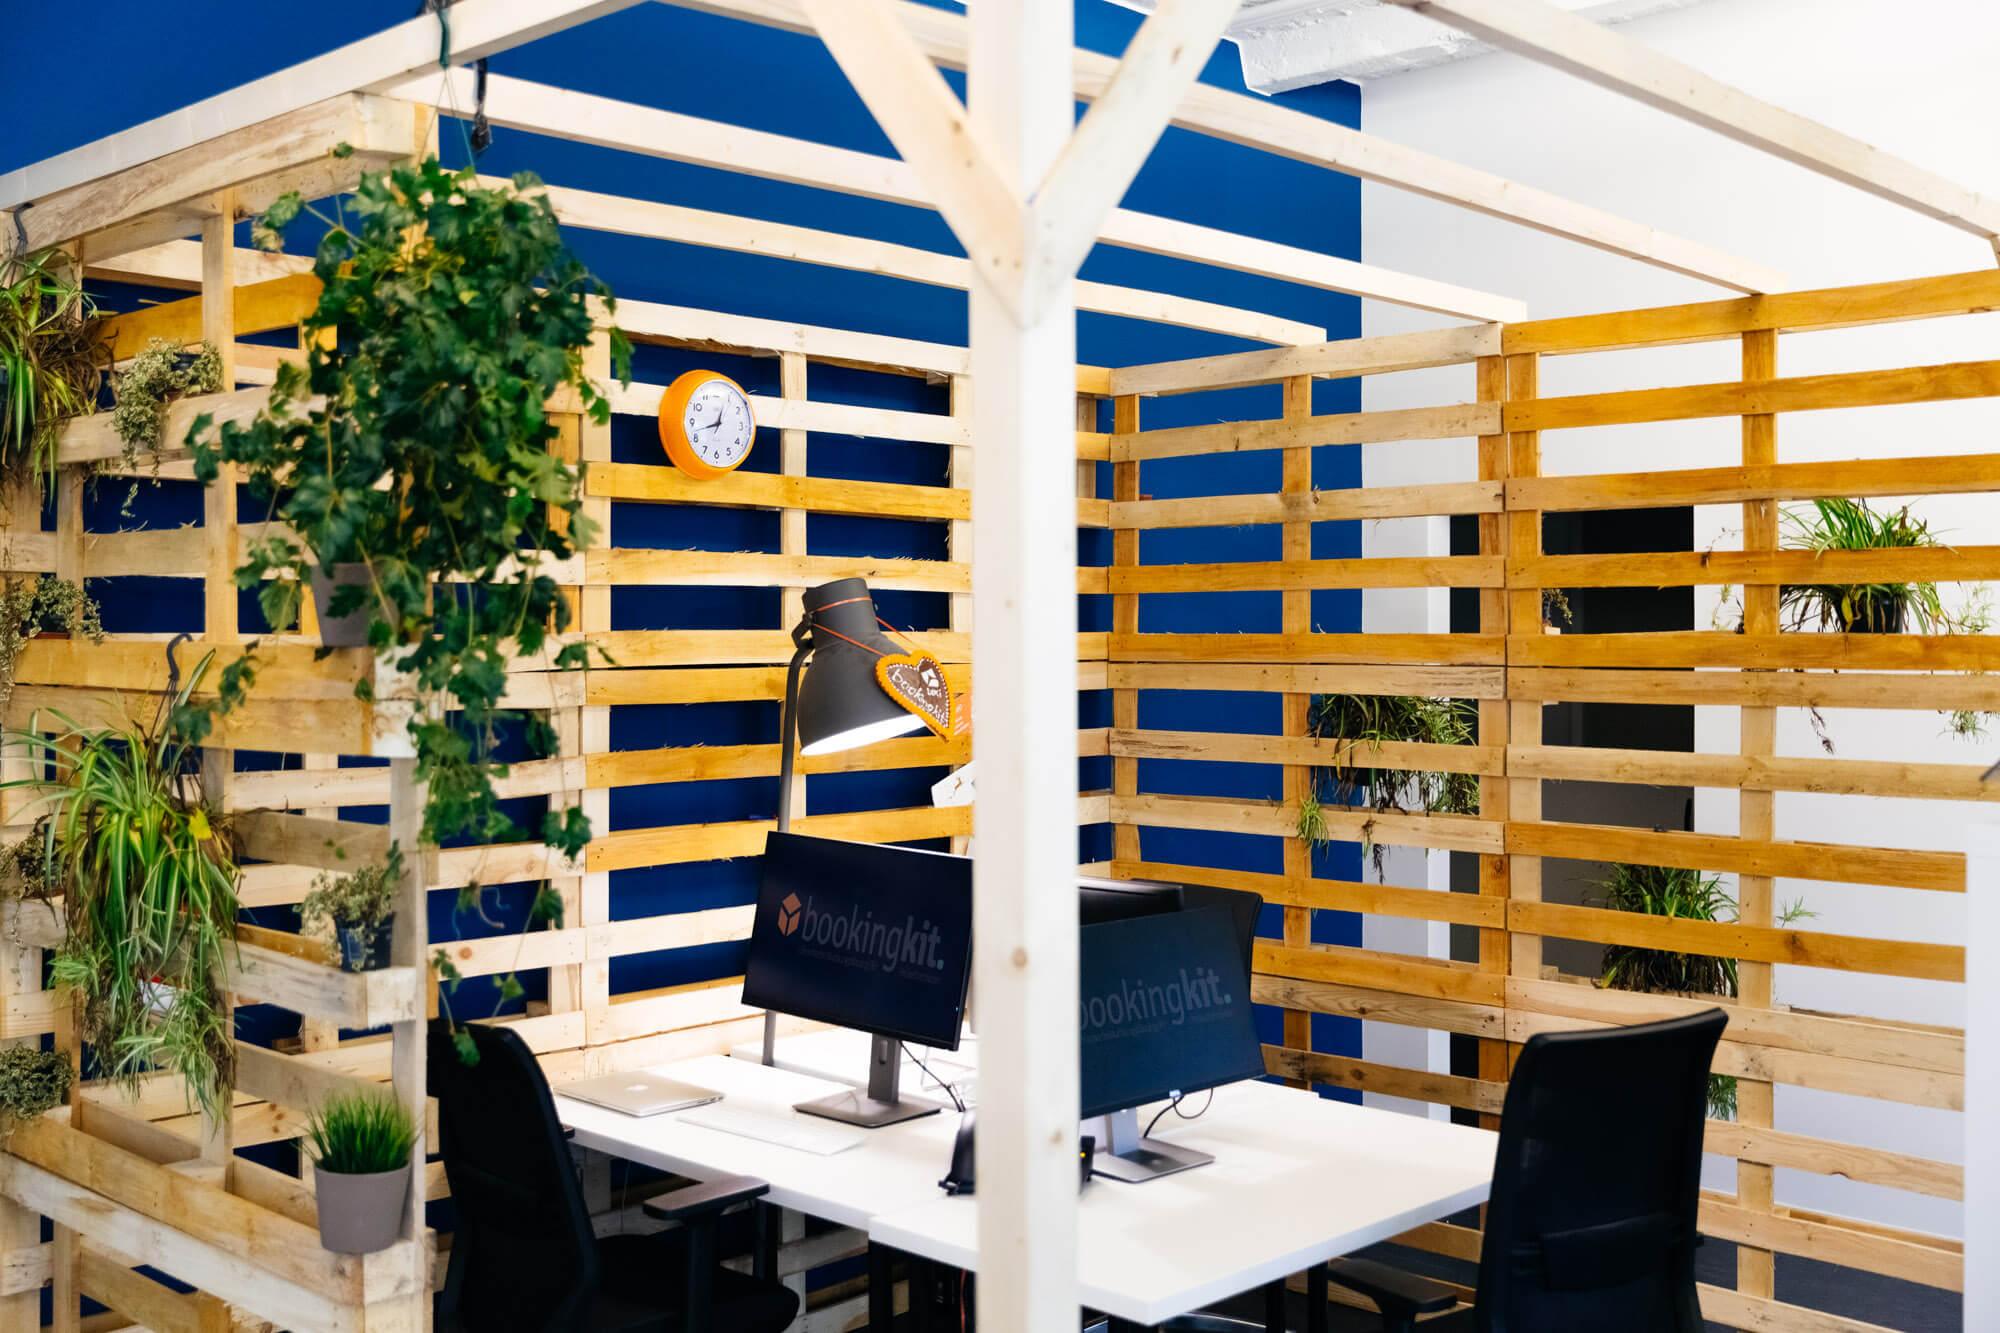 Bürobilder Paletten Ecke